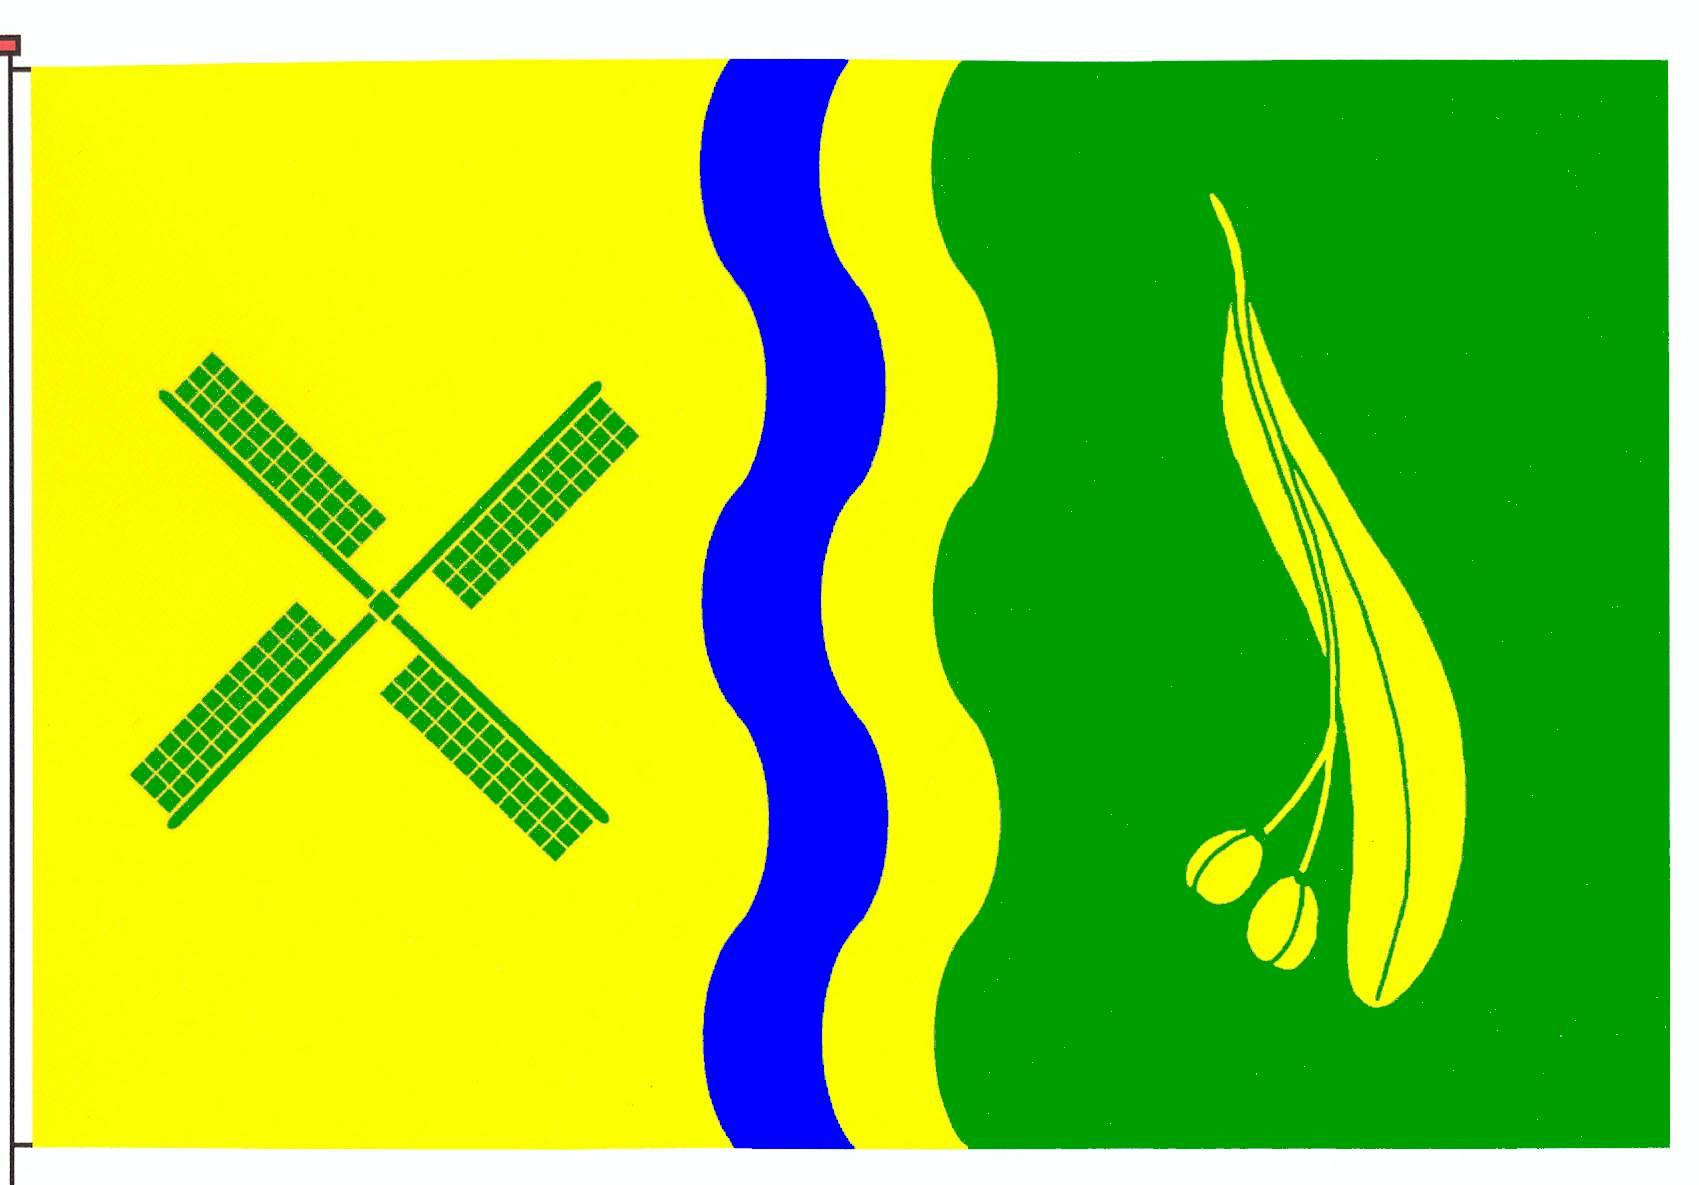 Flagge GemeindeBöel, Kreis Schleswig-Flensburg